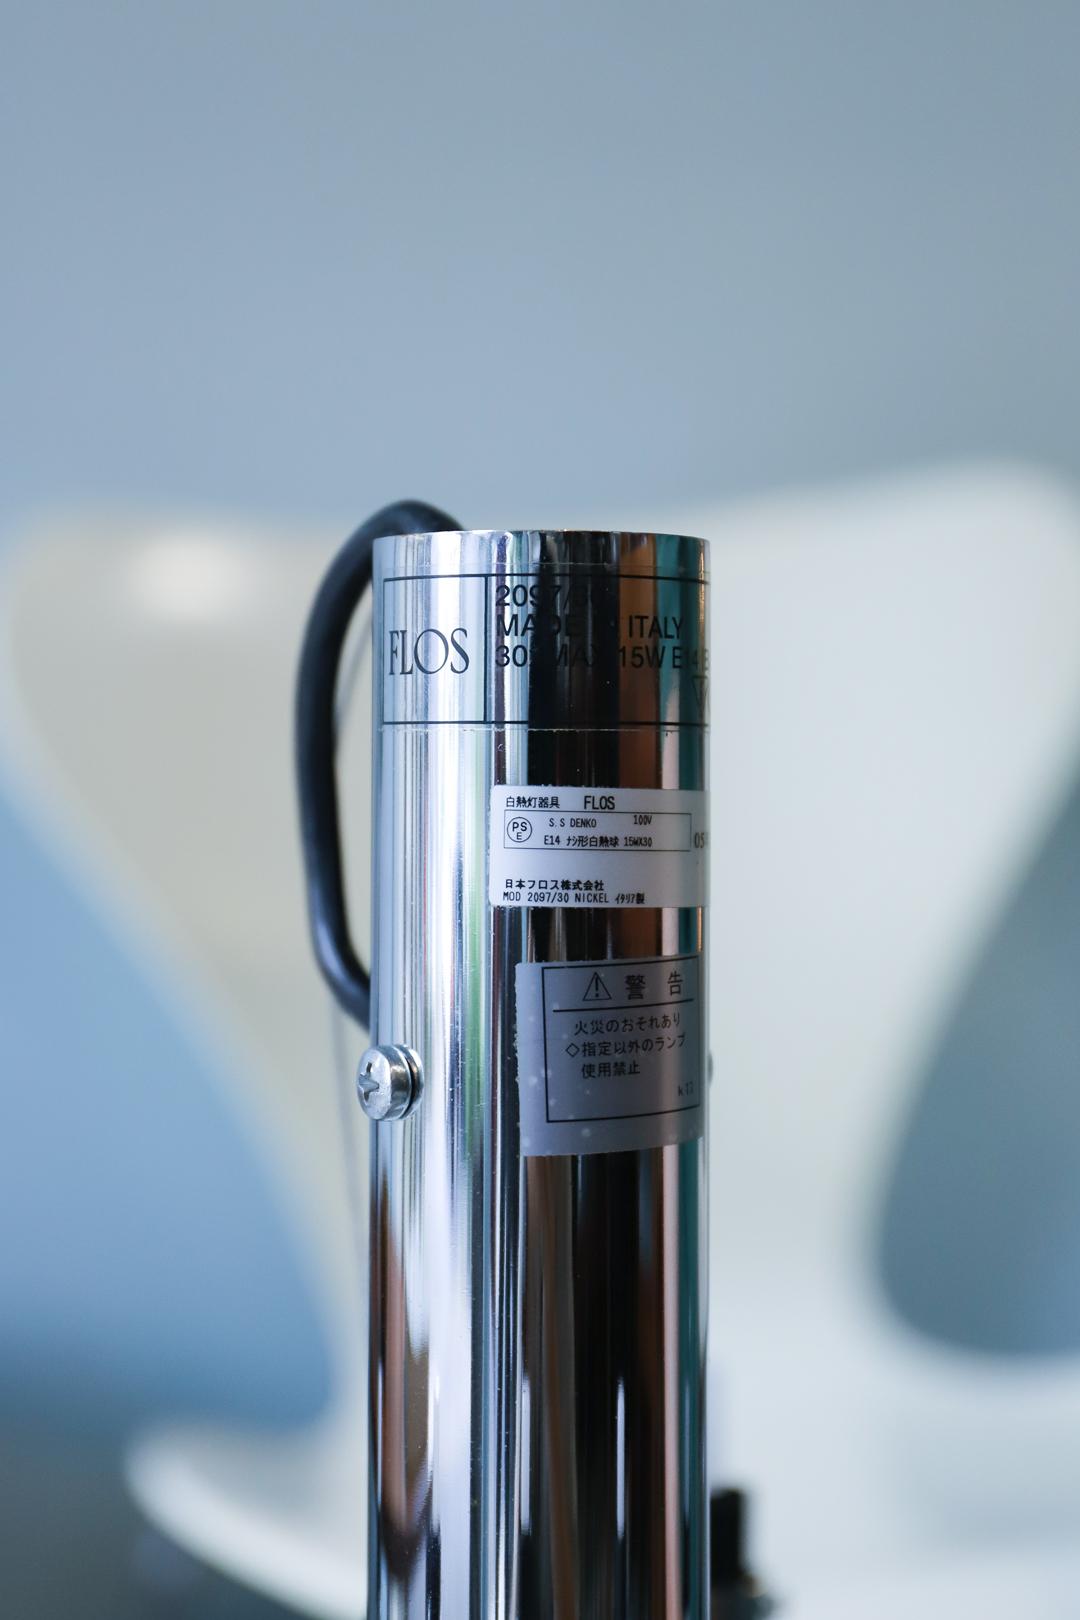 FLOS Chandelier MOD.2097 30 Gino Sarfatti/フロス シャンデリア クローム ジノ・サルファッティ 照明 イタリア モダン